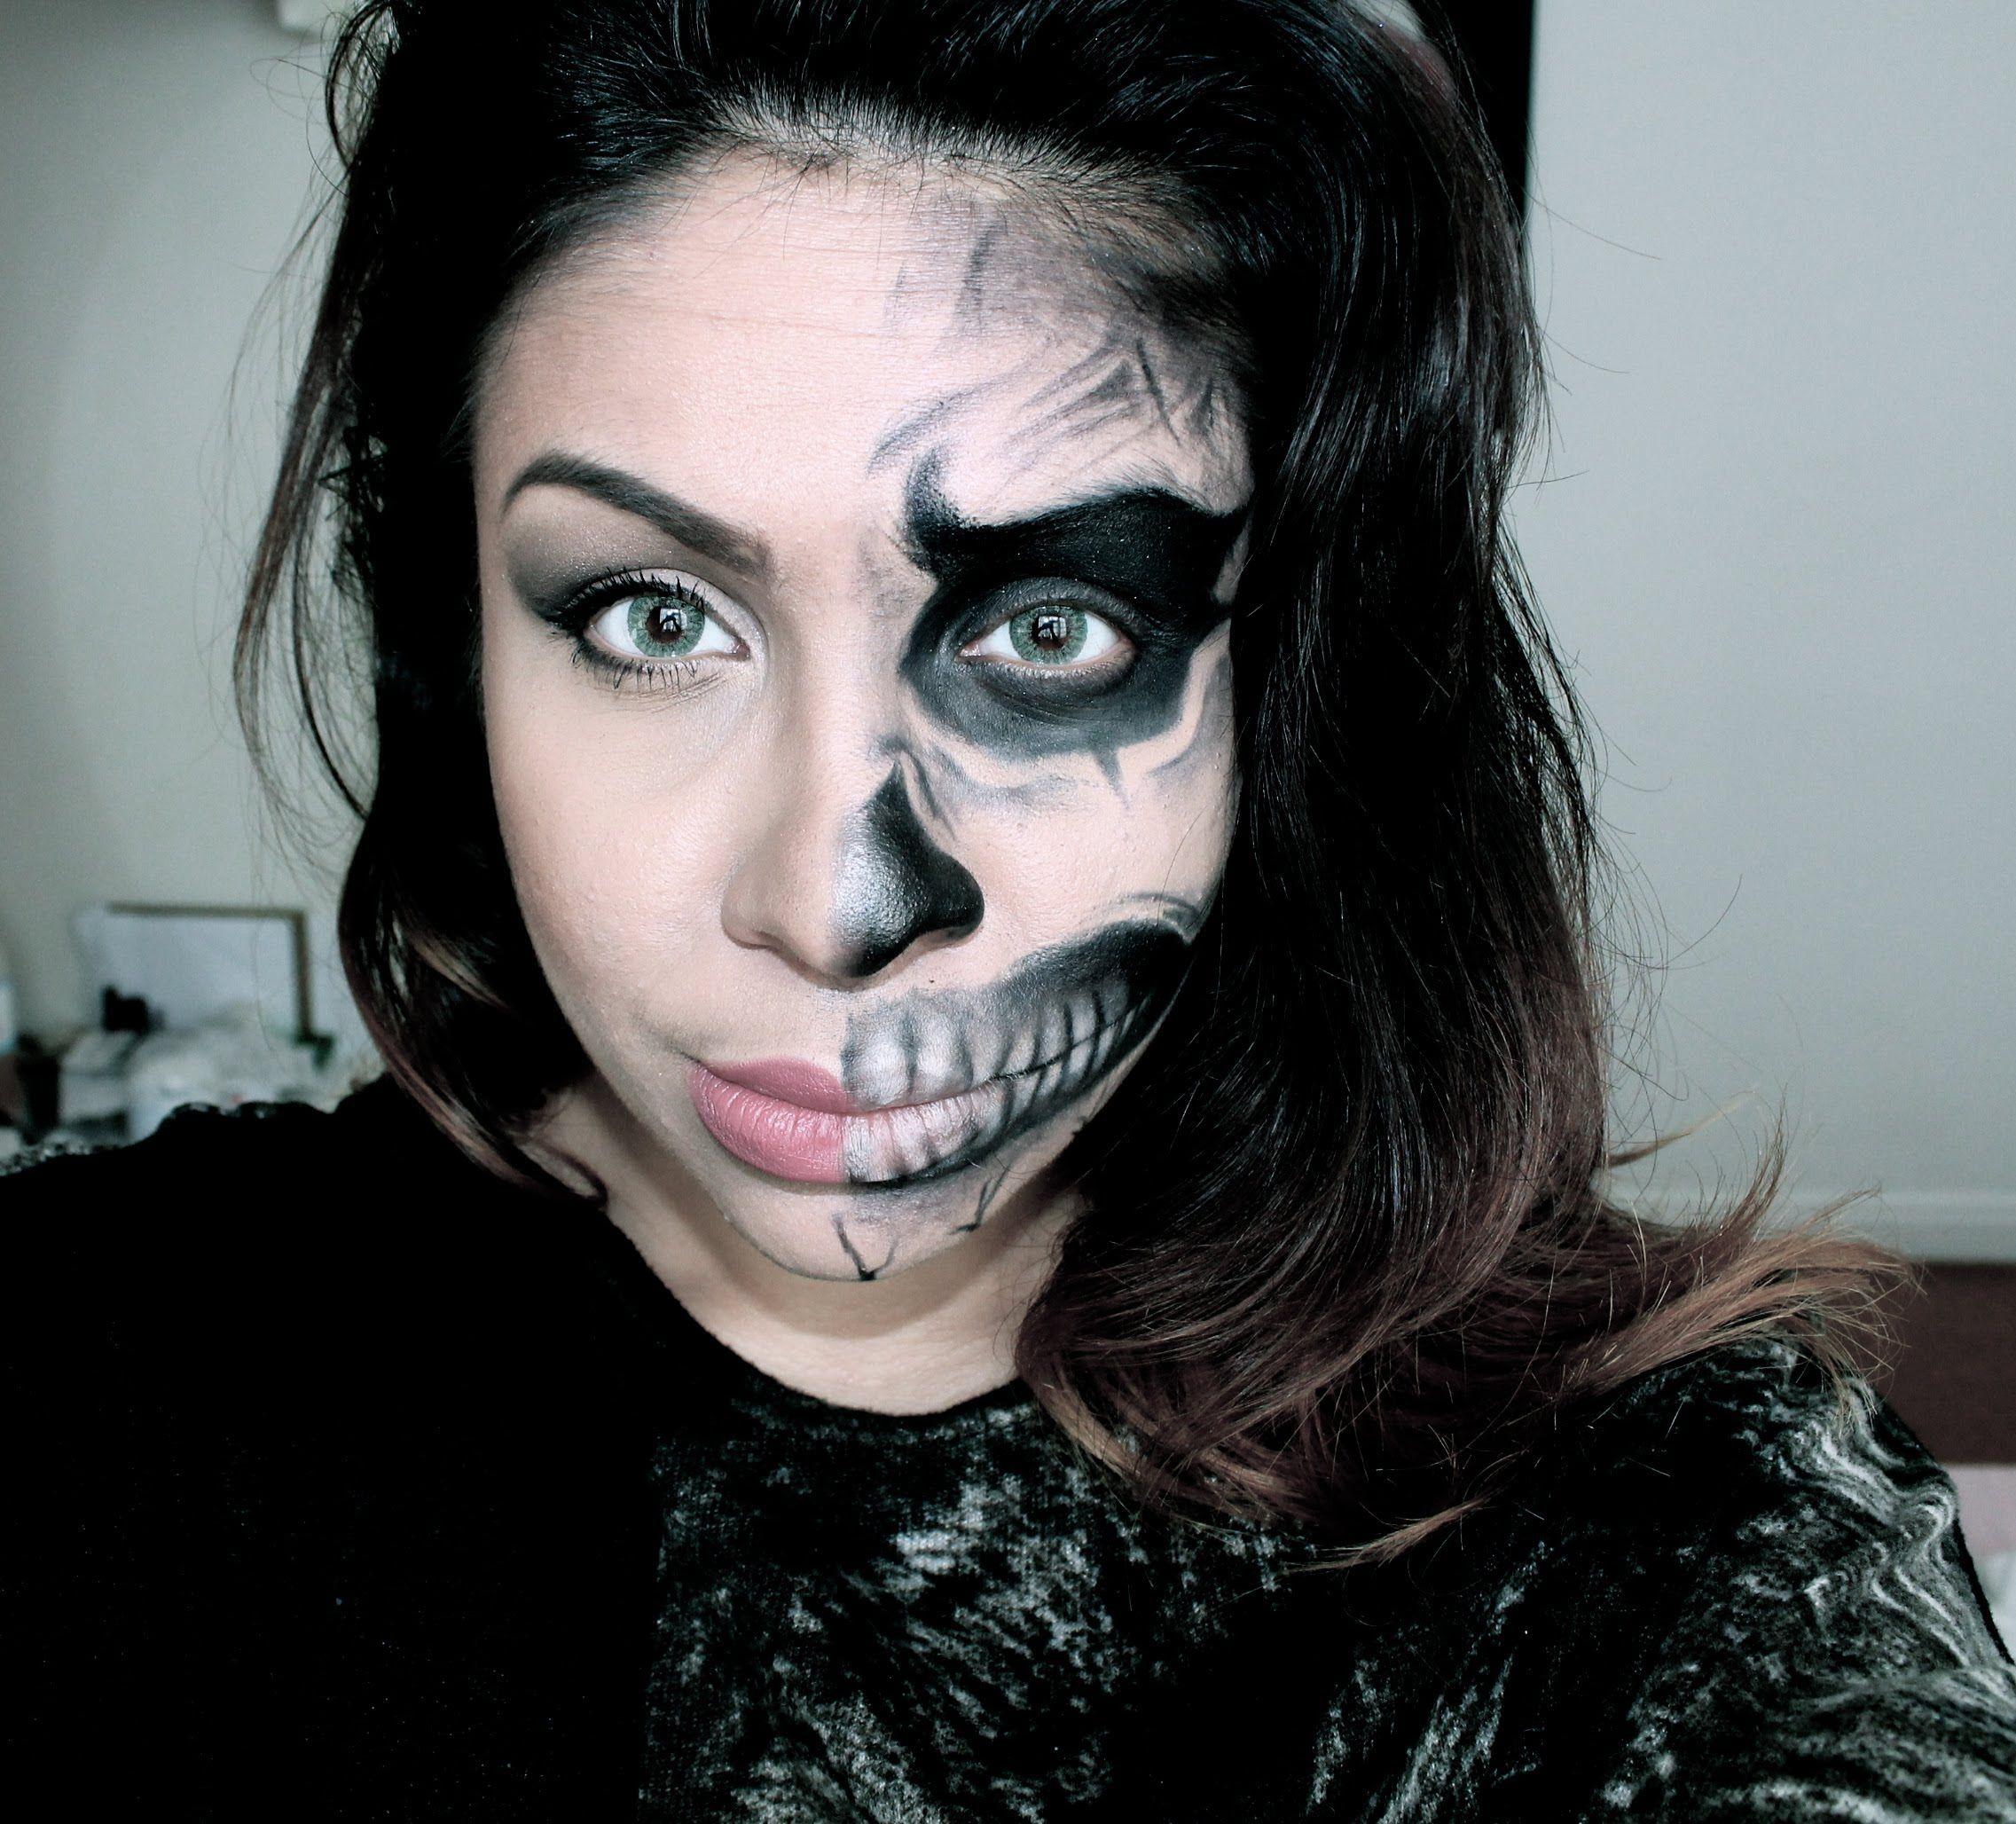 Half Human Half Skull Face Halloween Makeup Tutorial Theraviosahn Skeleton Makeup Half Face Half Skull Face Skull Face Paint